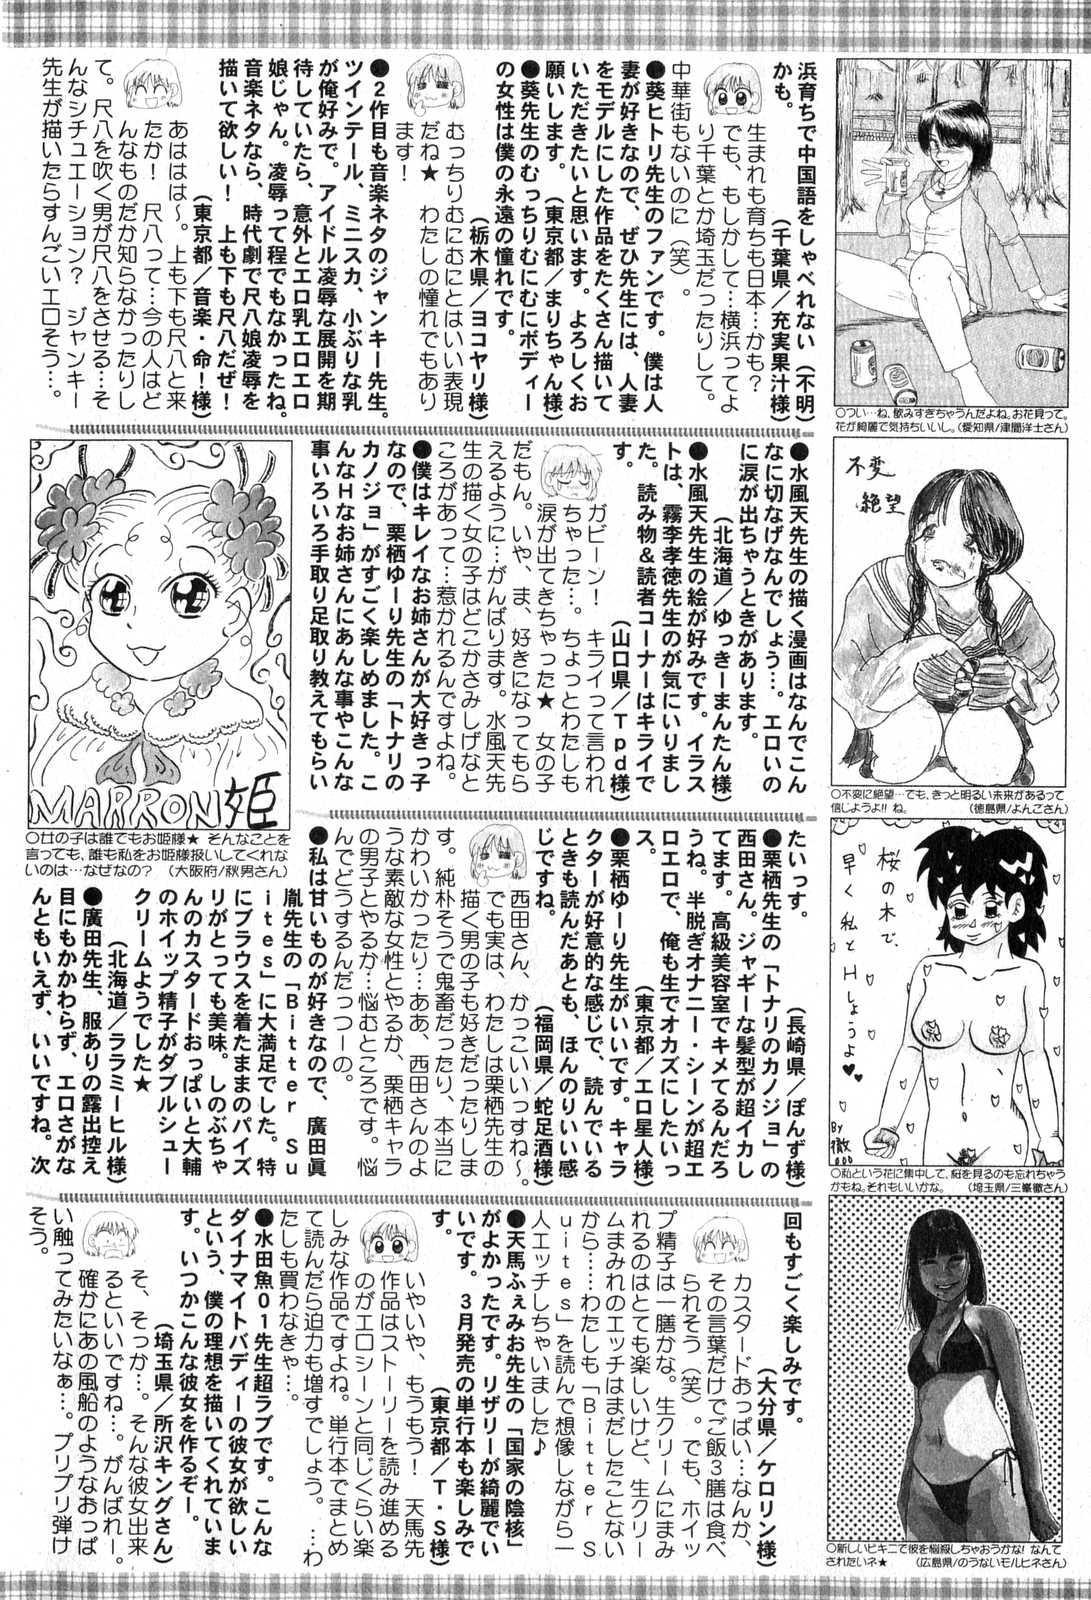 Bishoujo Teki Kaikatsu Ryoku 2007 Vol.15 199